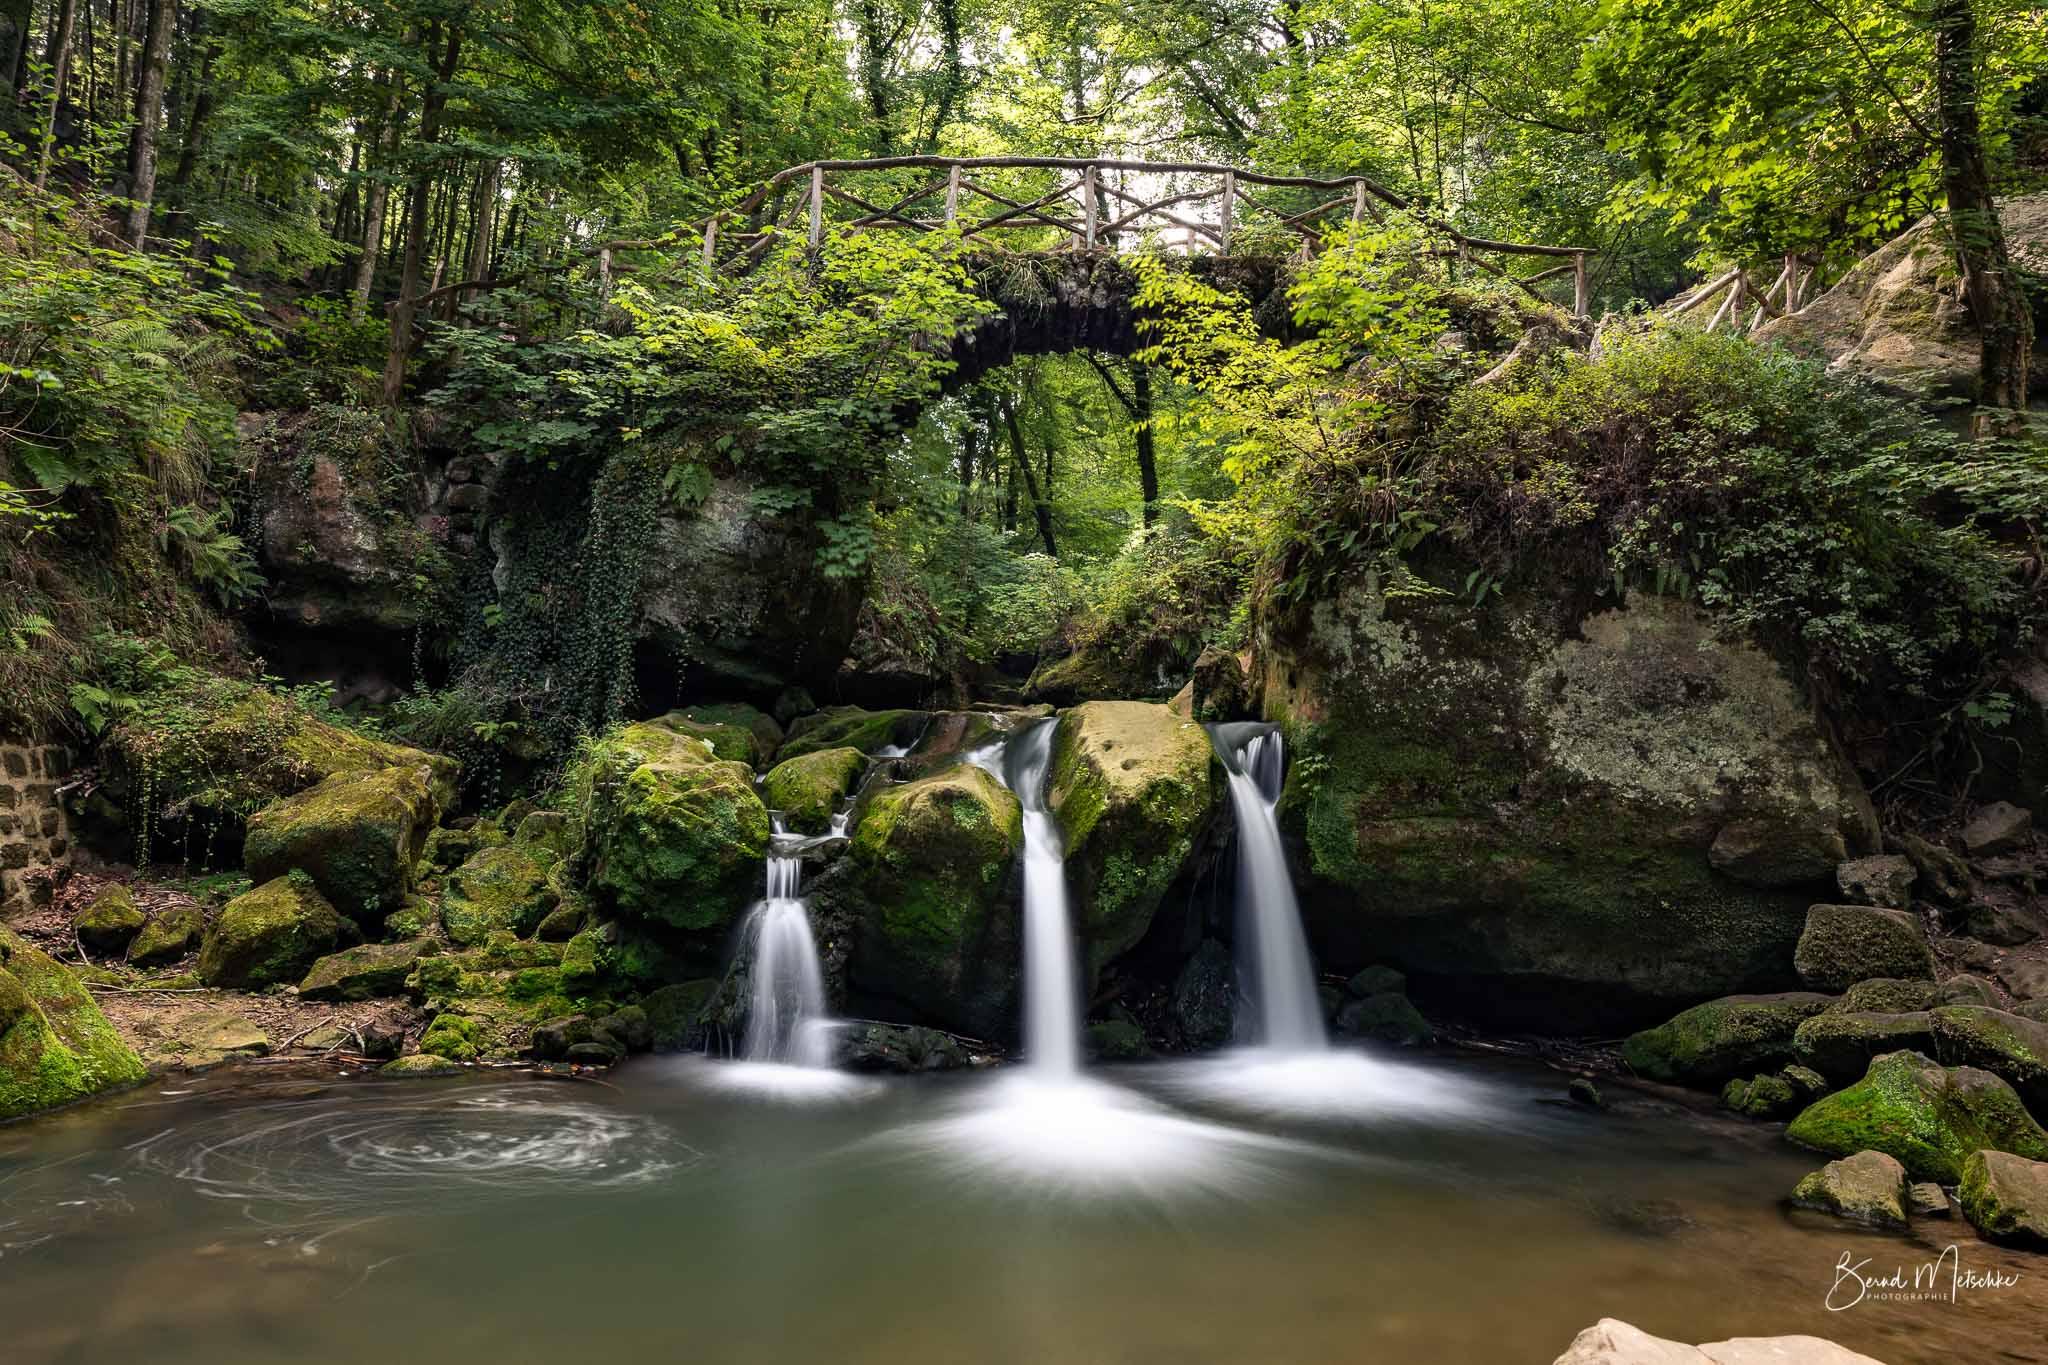 Der Schiessentümpel ist ein malerischer Wasserfall. Das Wasser schießt in drei Strömen über.